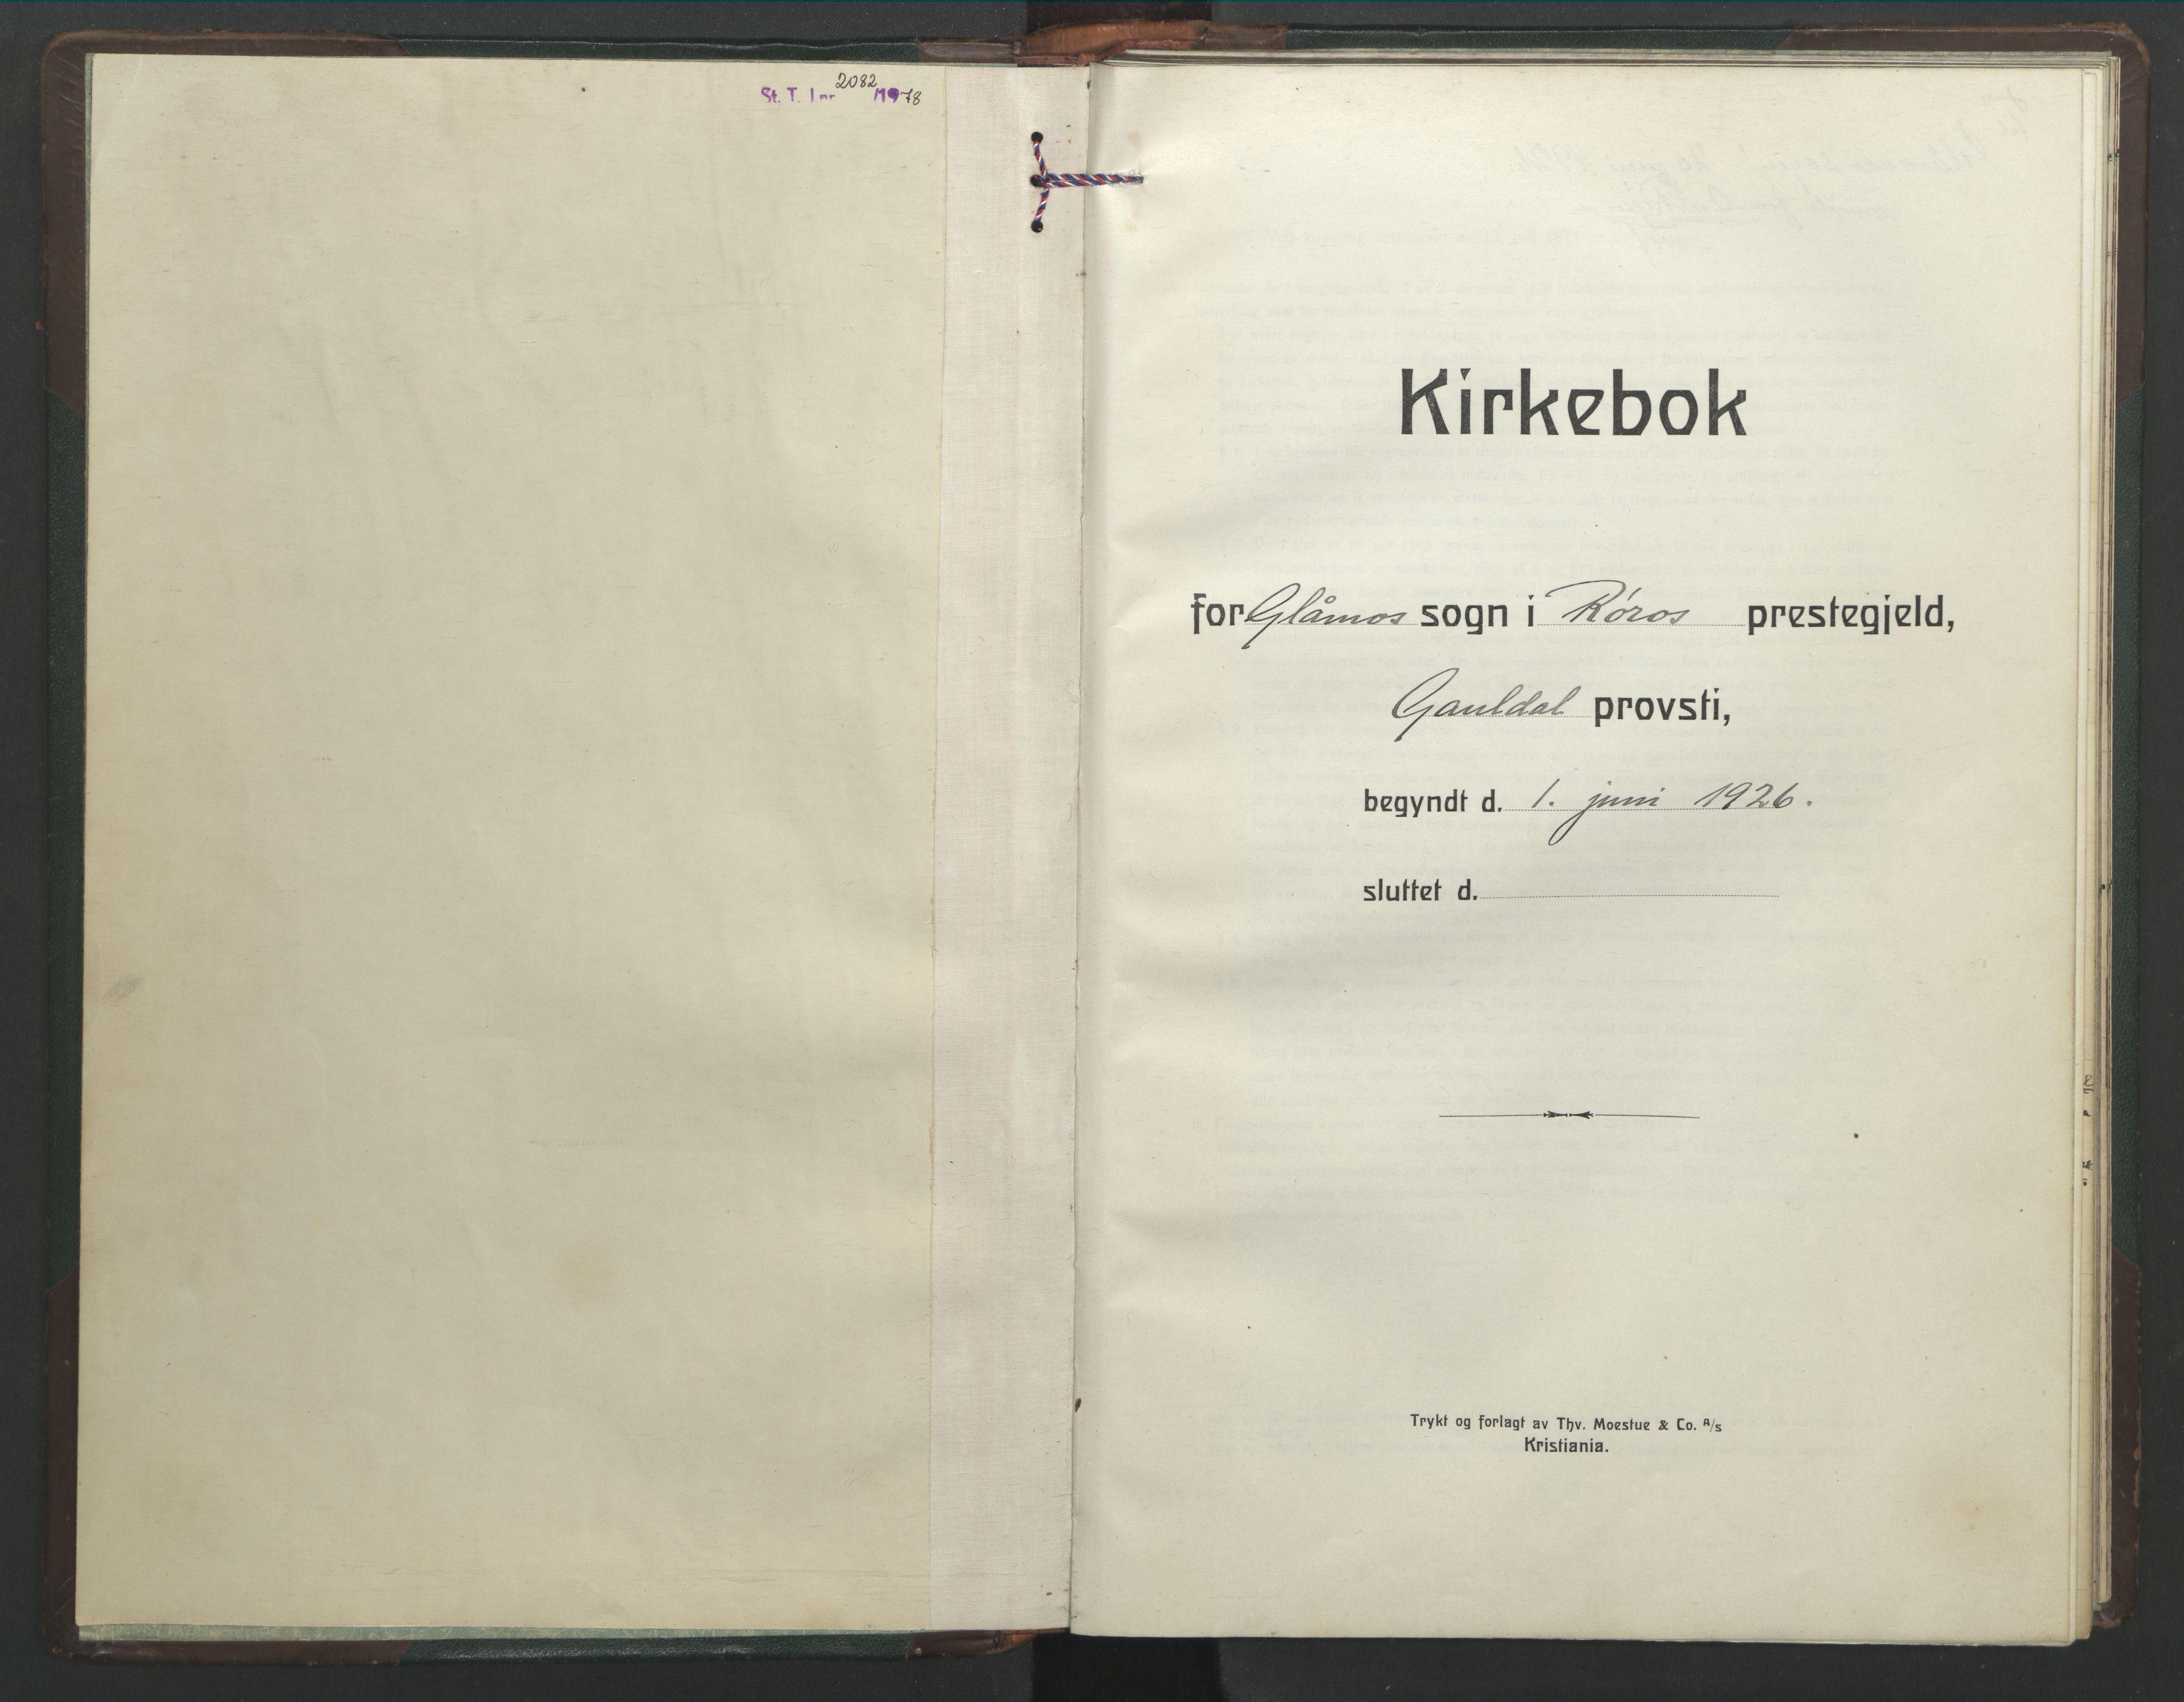 SAT, Ministerialprotokoller, klokkerbøker og fødselsregistre - Sør-Trøndelag, 682/L0947: Klokkerbok nr. 682C01, 1926-1968